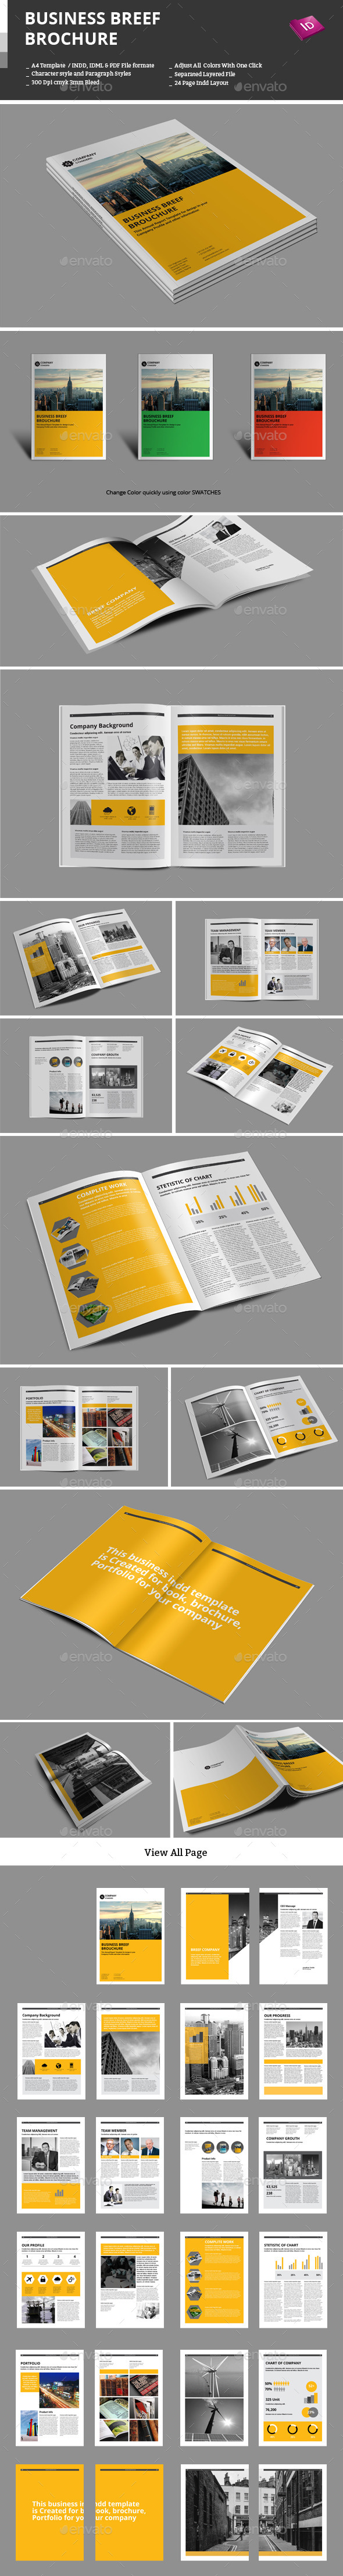 Business Breef Brochure - Corporate Brochures